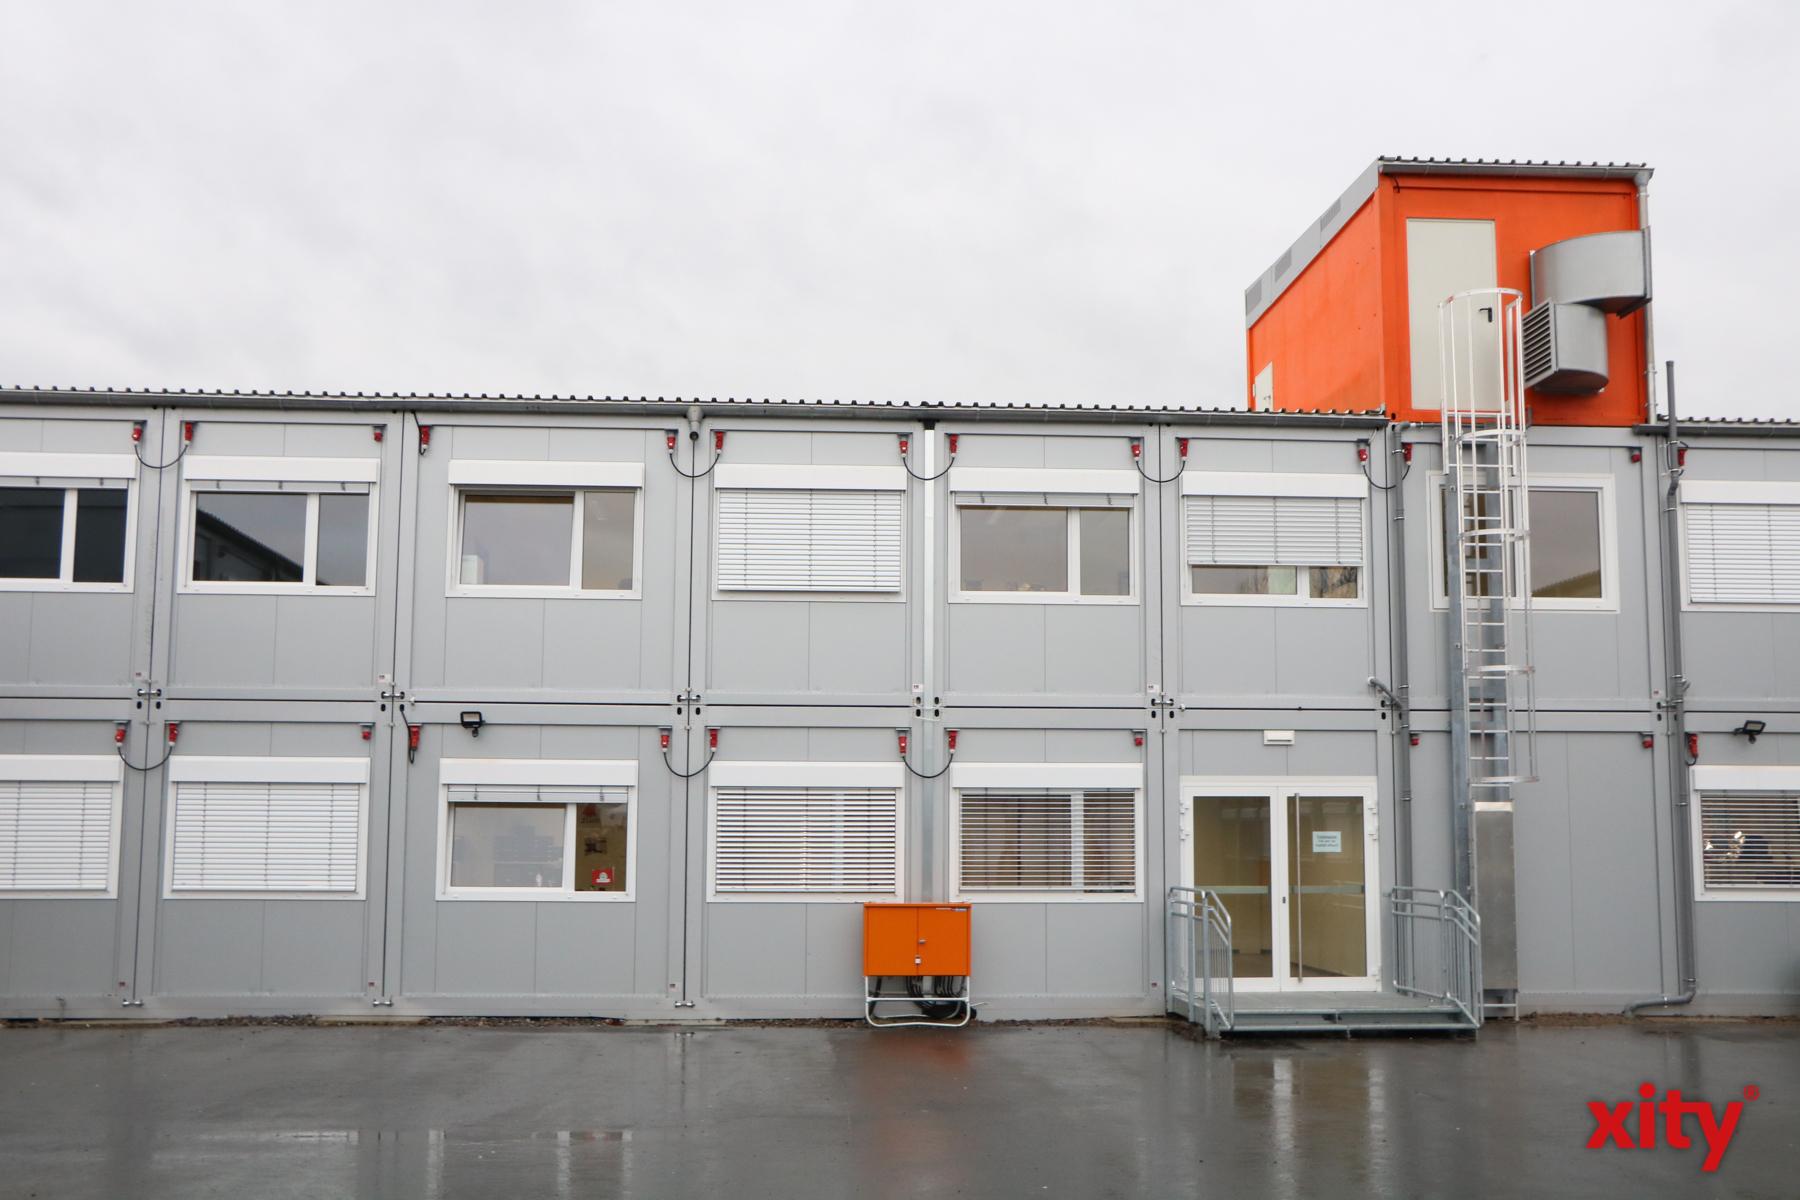 Das Containerareal ermöglicht es, die Ausbauarbeiten am Gymnasium schneller durchzuführen (Foto: xity)